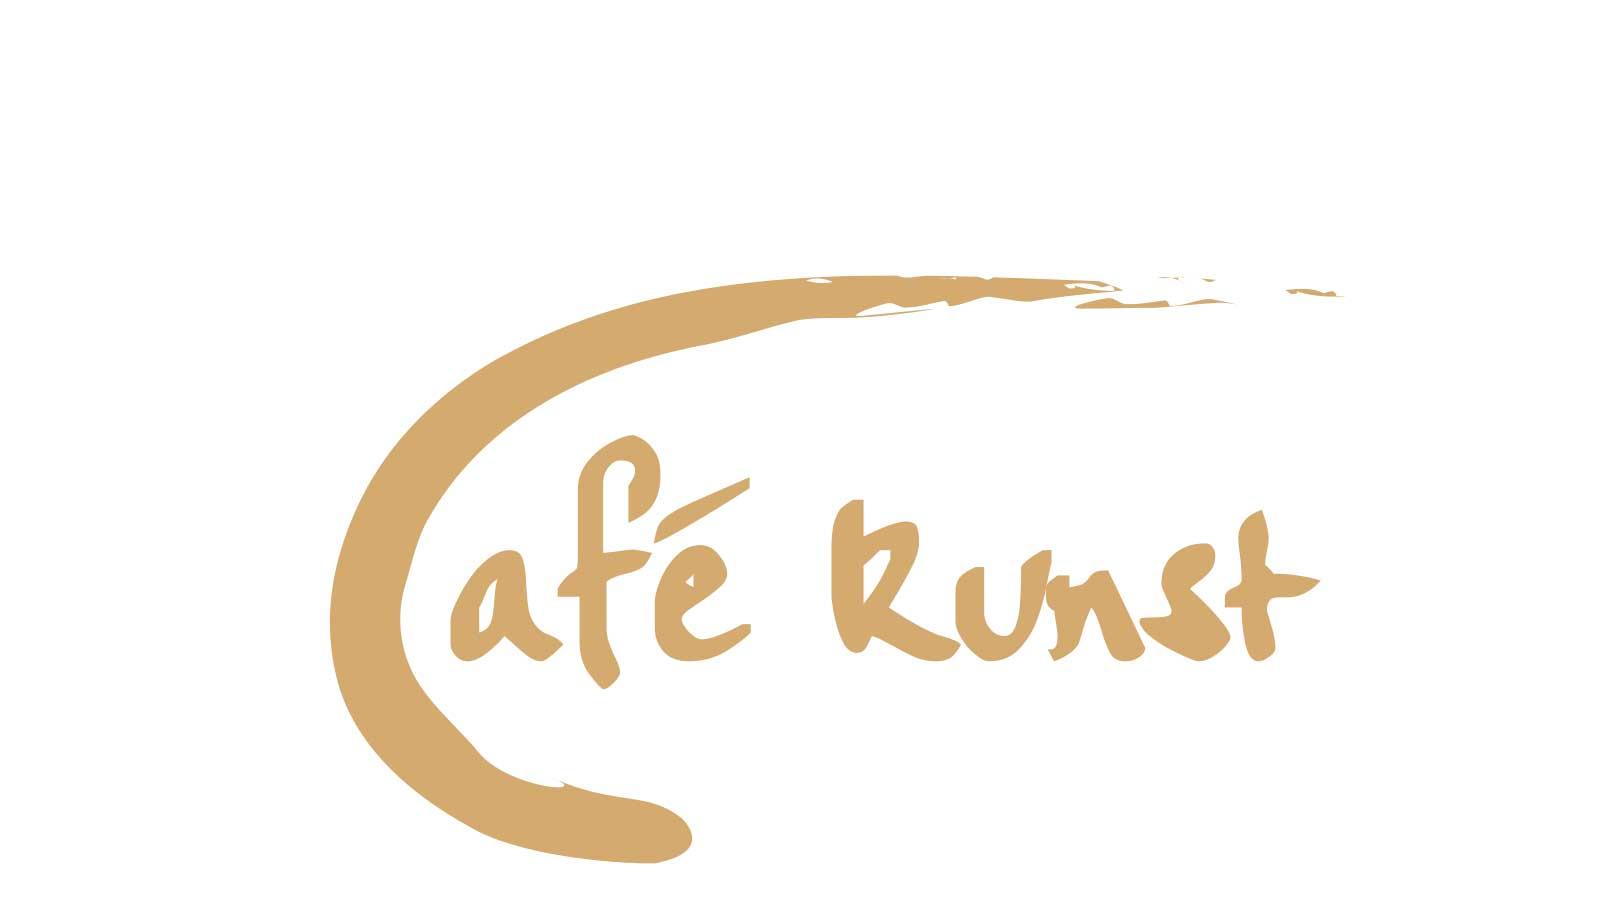 Cafe_kunst_1600x900-logo